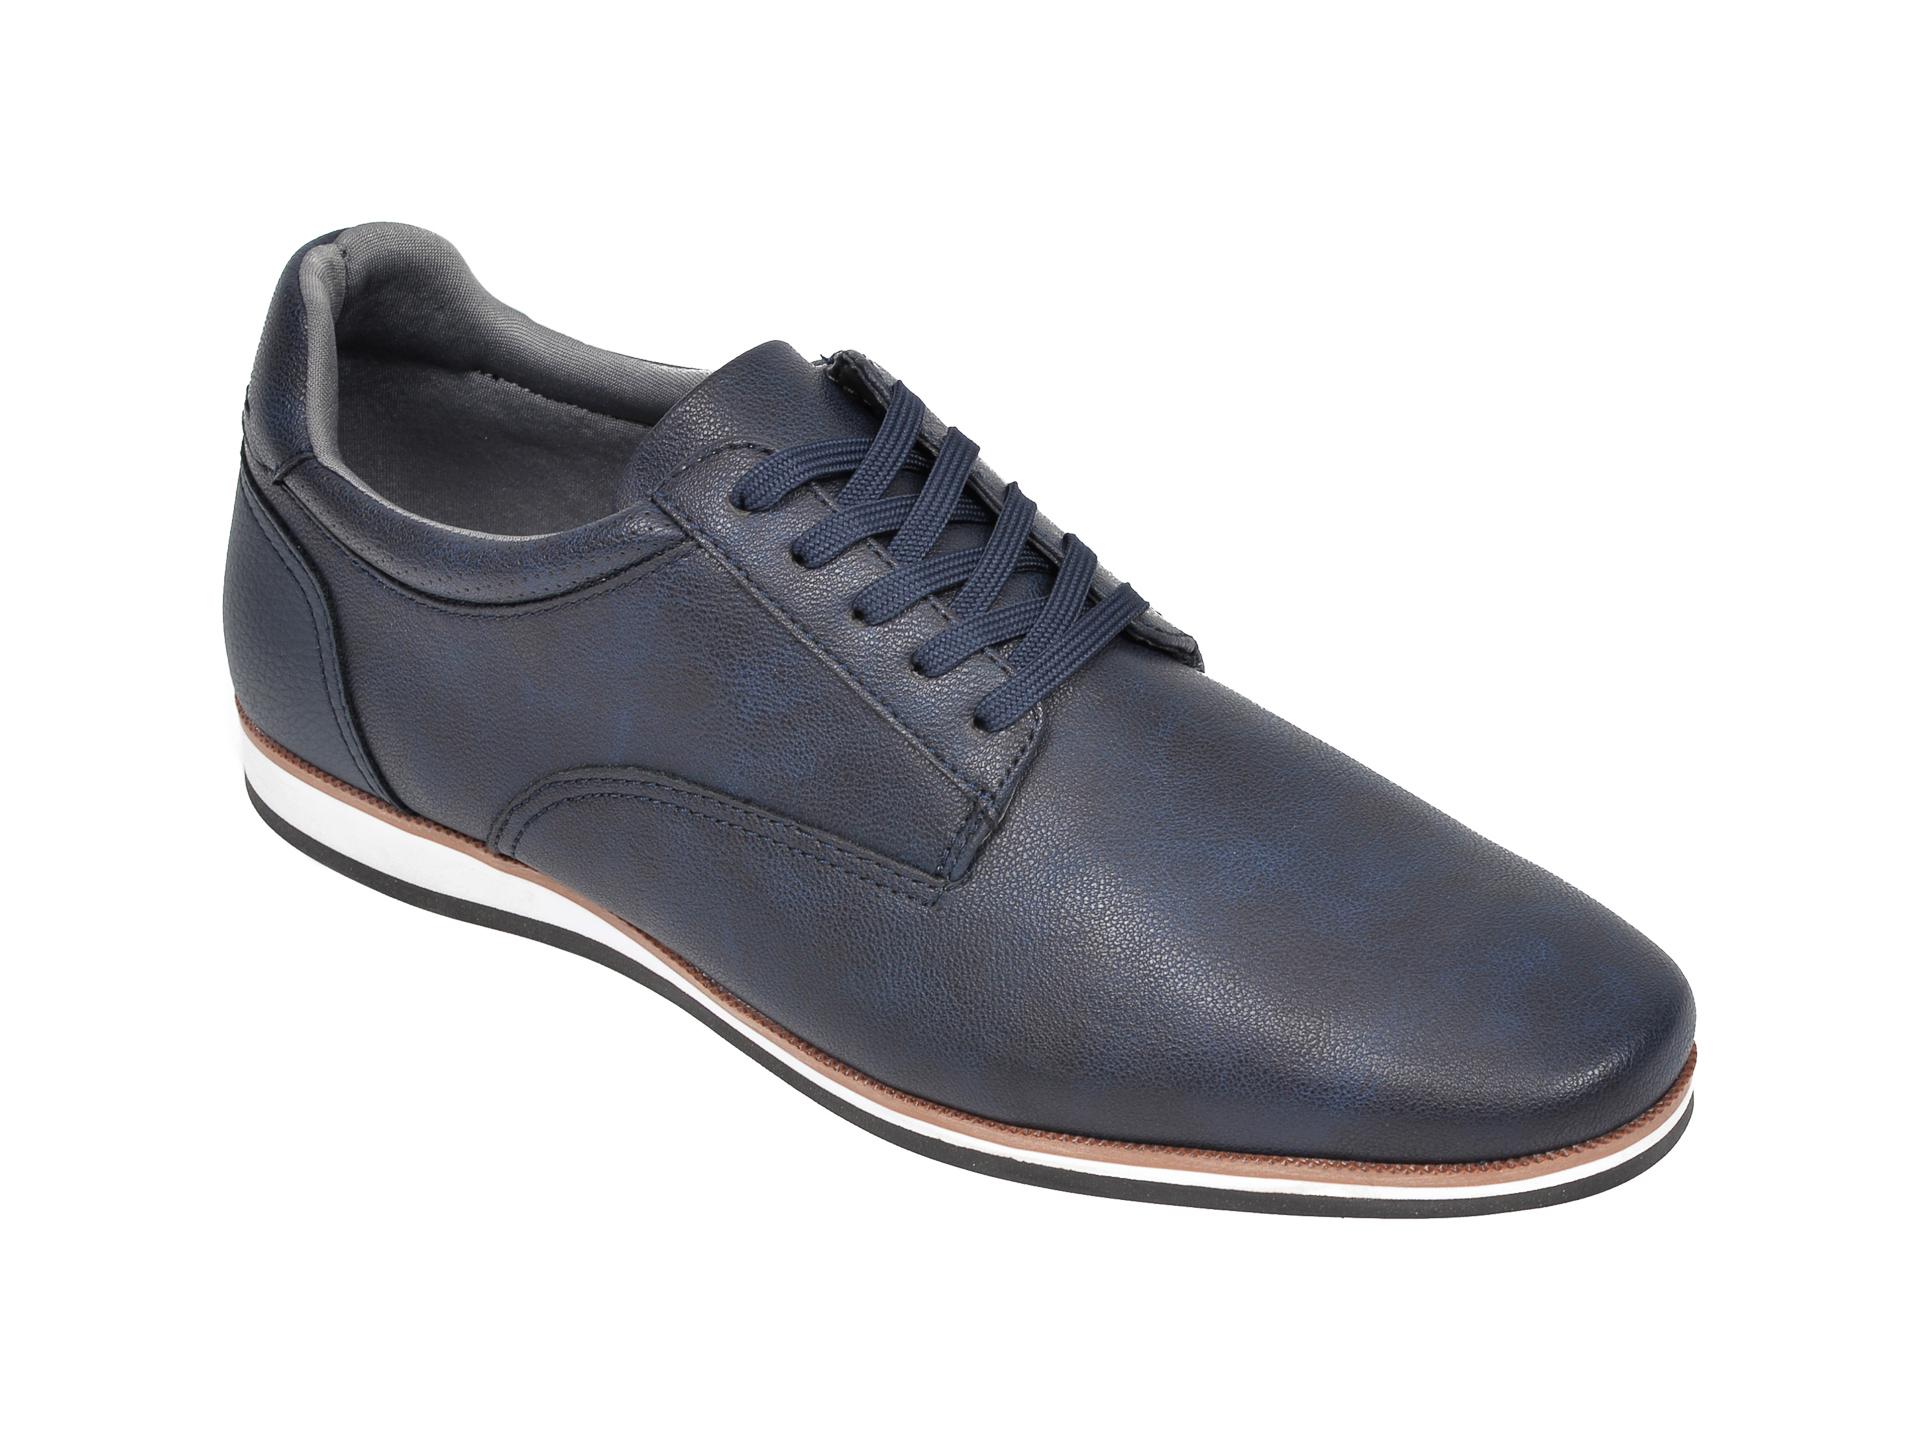 Pantofi ALDO bleumarin, Toppole969, din piele ecologica imagine